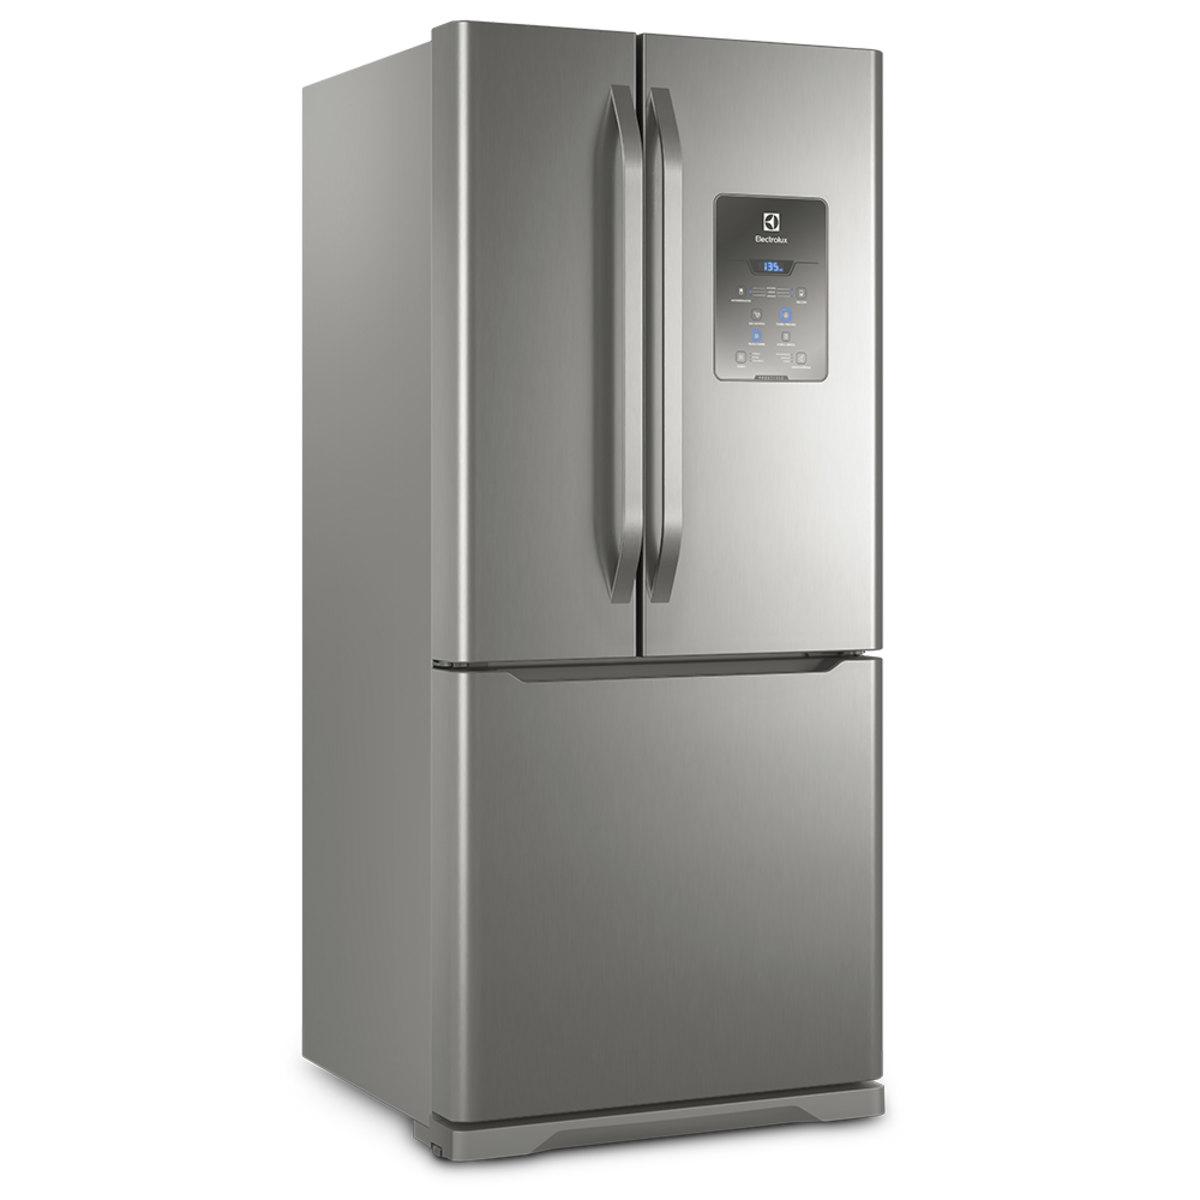 Refrigerador French Door Electrolux 579L Inox (DM84X)